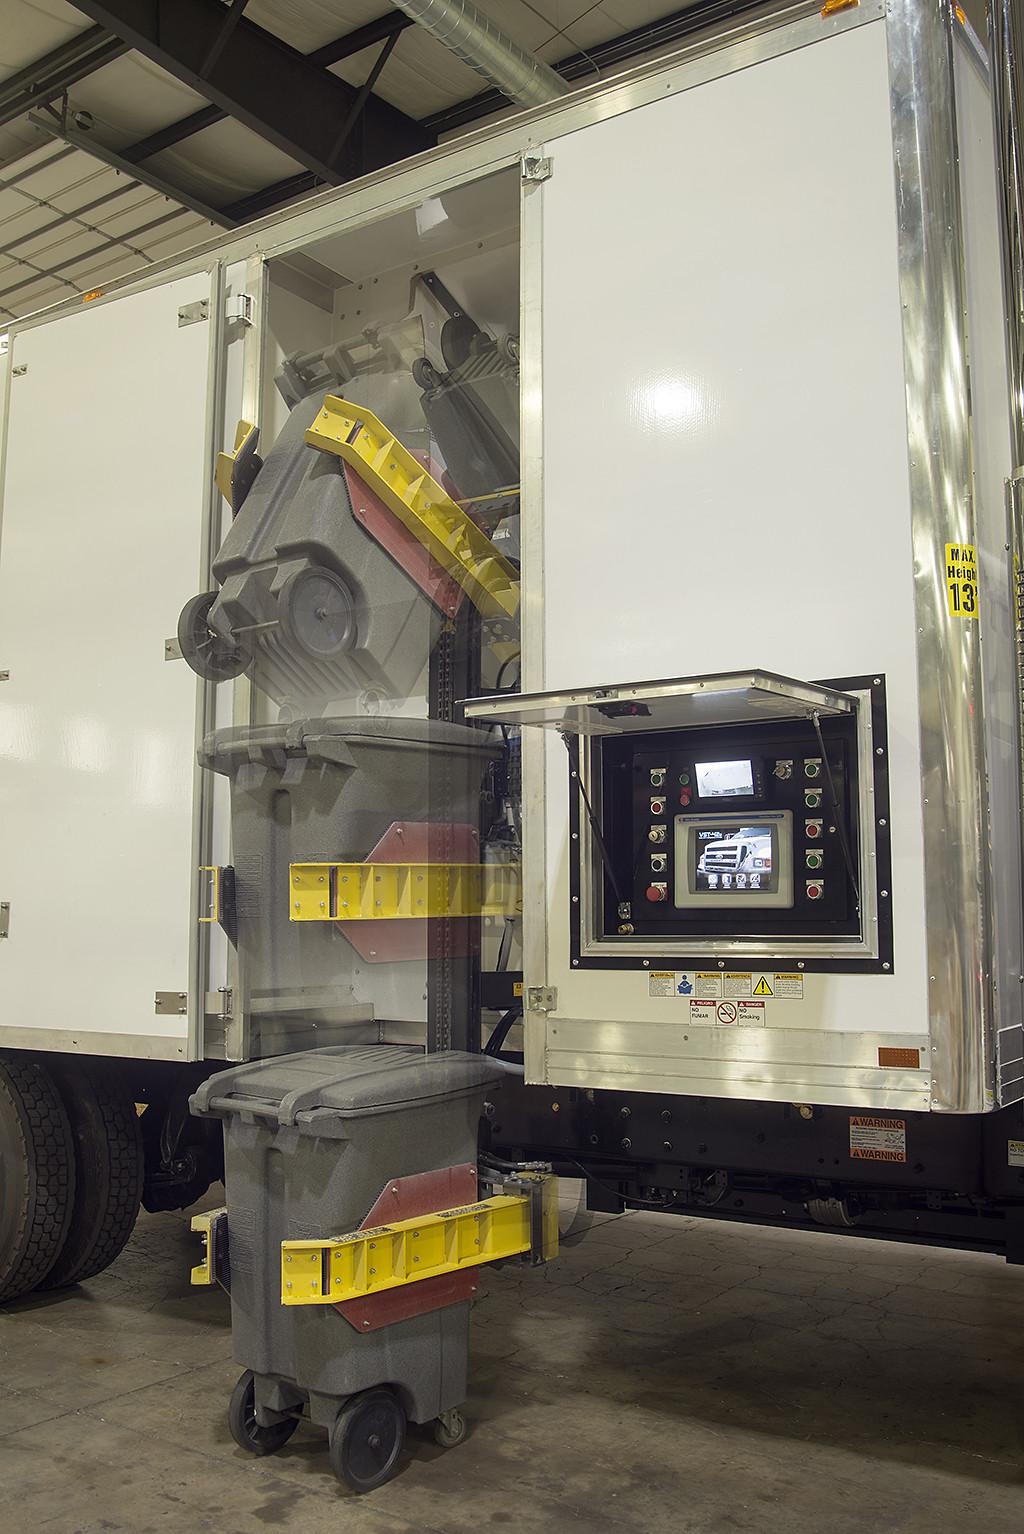 Pre Owned Trucks >> VST42e Shred Truck | Mobile Document Shredding | Vecoplan